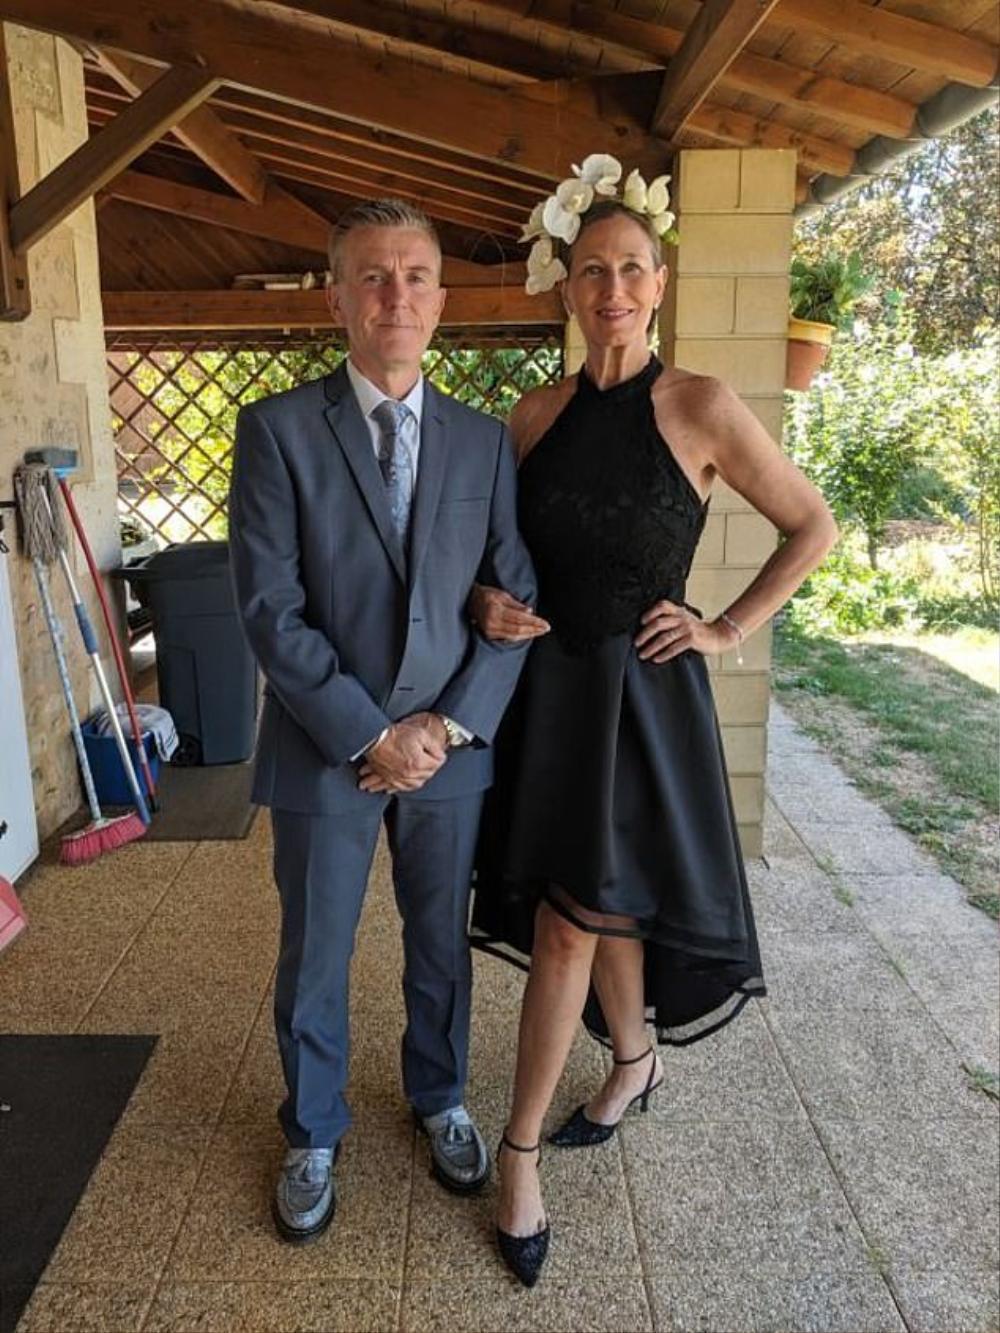 Chuyện tình hợp tan như phim điện ảnh của cặp đôi tái hôn ở tuổi 50 Ảnh 5